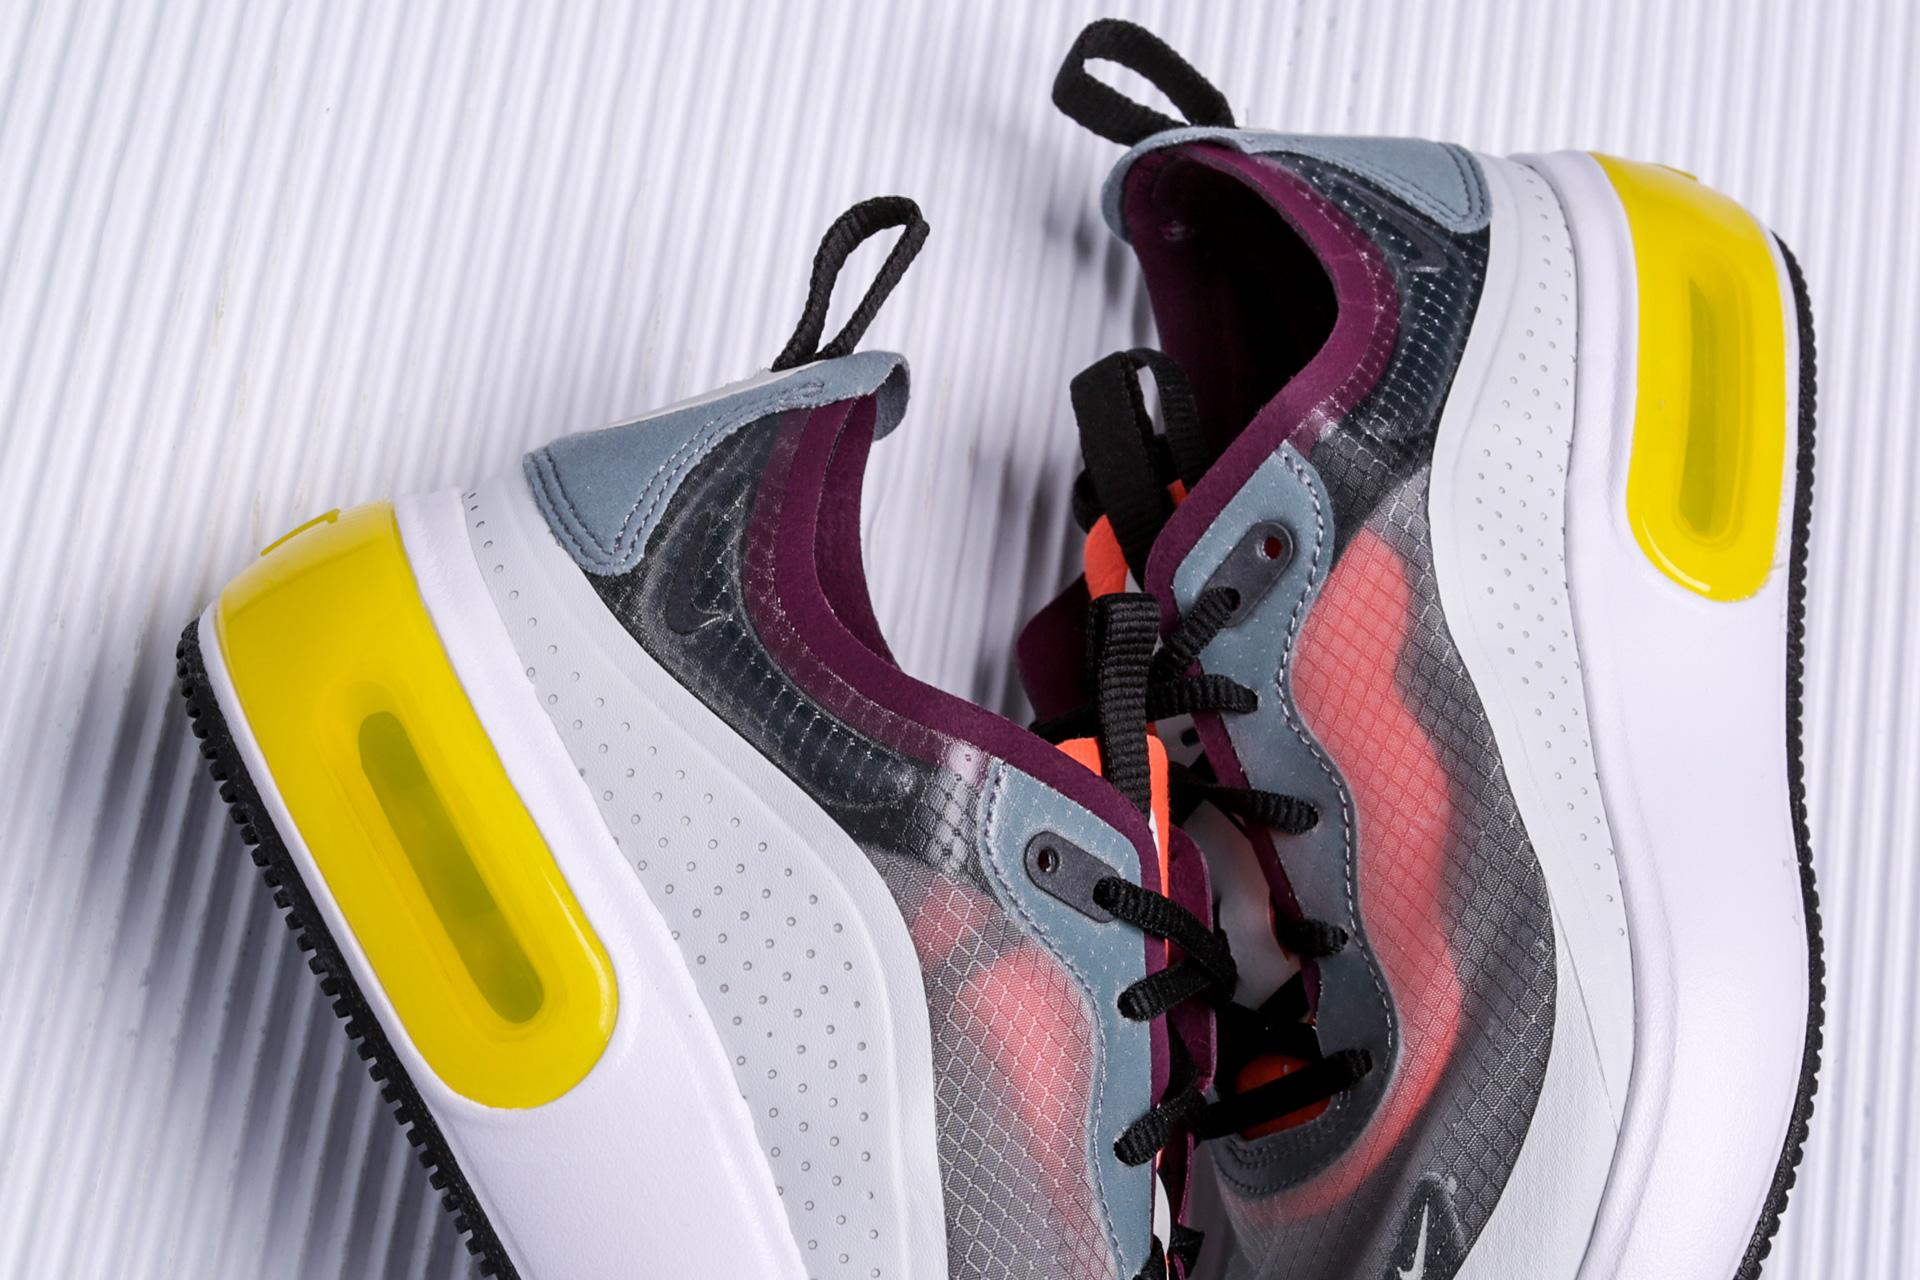 88801e4d ... Купить женские серые кроссовки Nike Air Max Dia SE QS - фото 2 картинки  ...